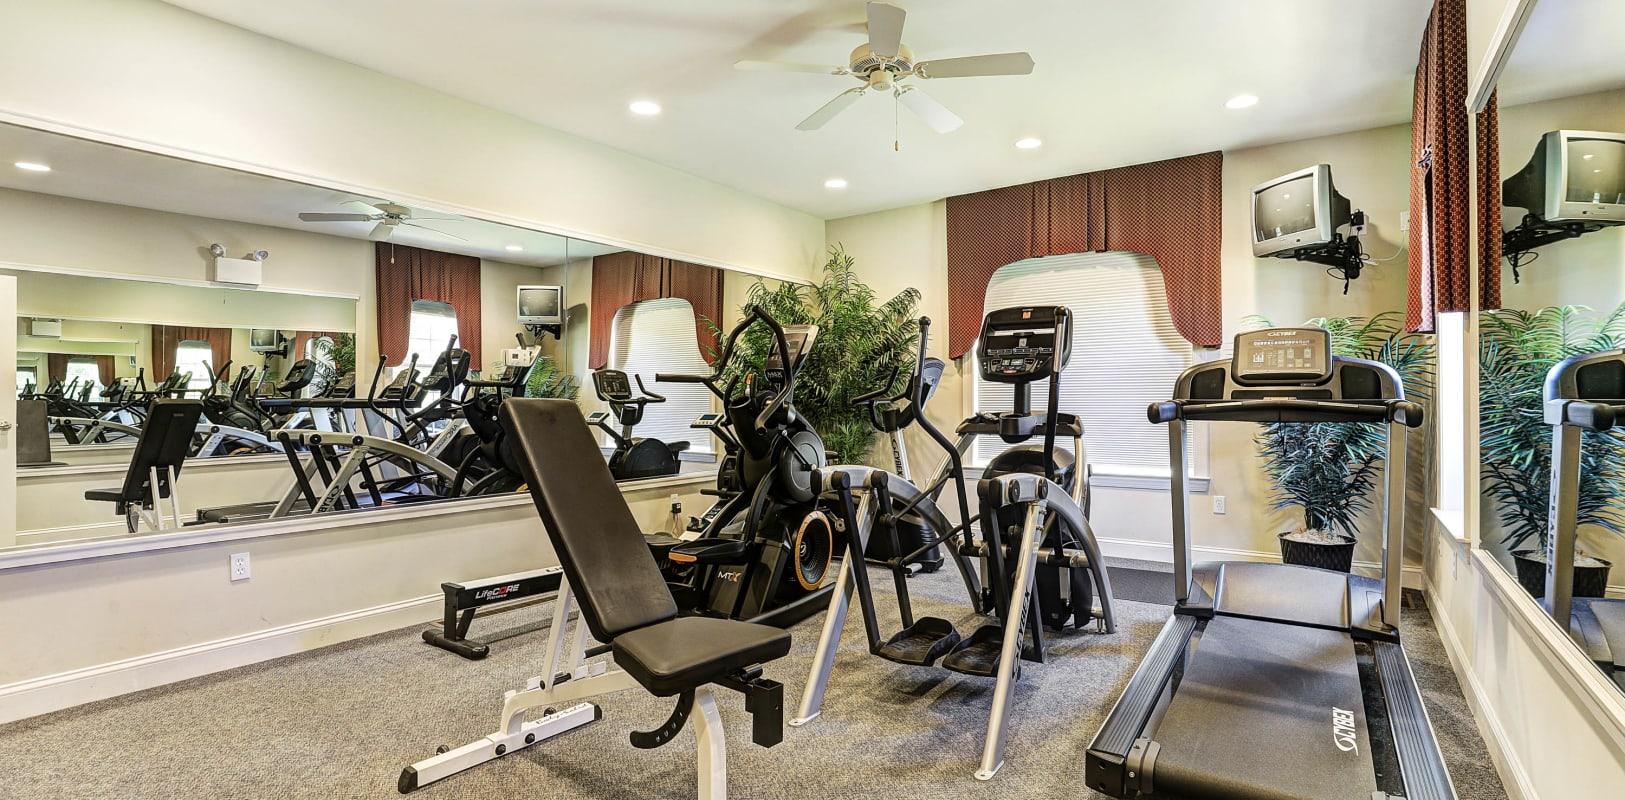 Well-equipped onsite fitness center at Hanover Glen in Bethlehem, Pennsylvania